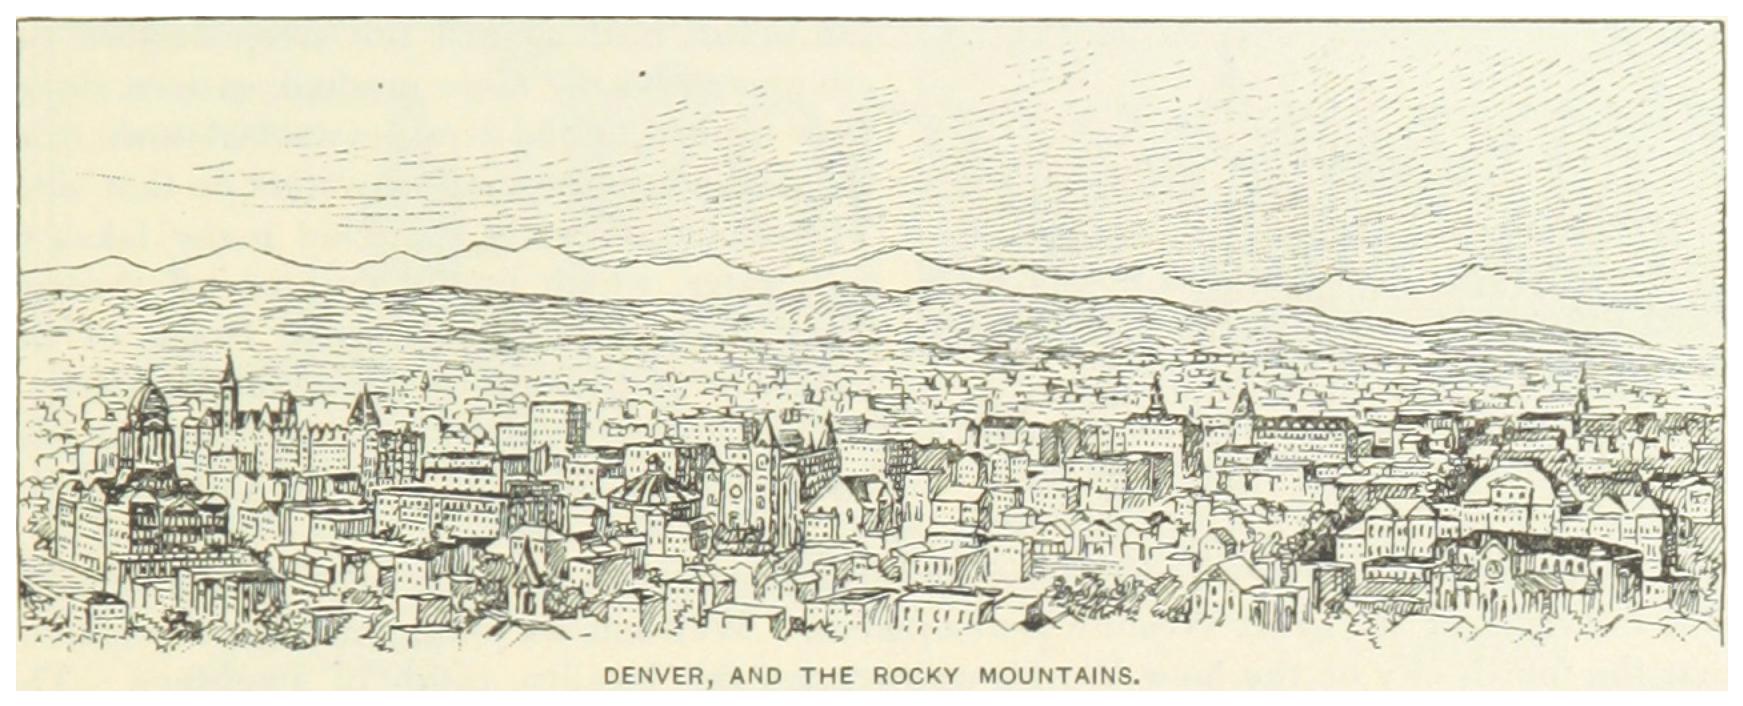 Image courtesy of Wikimedia Commons